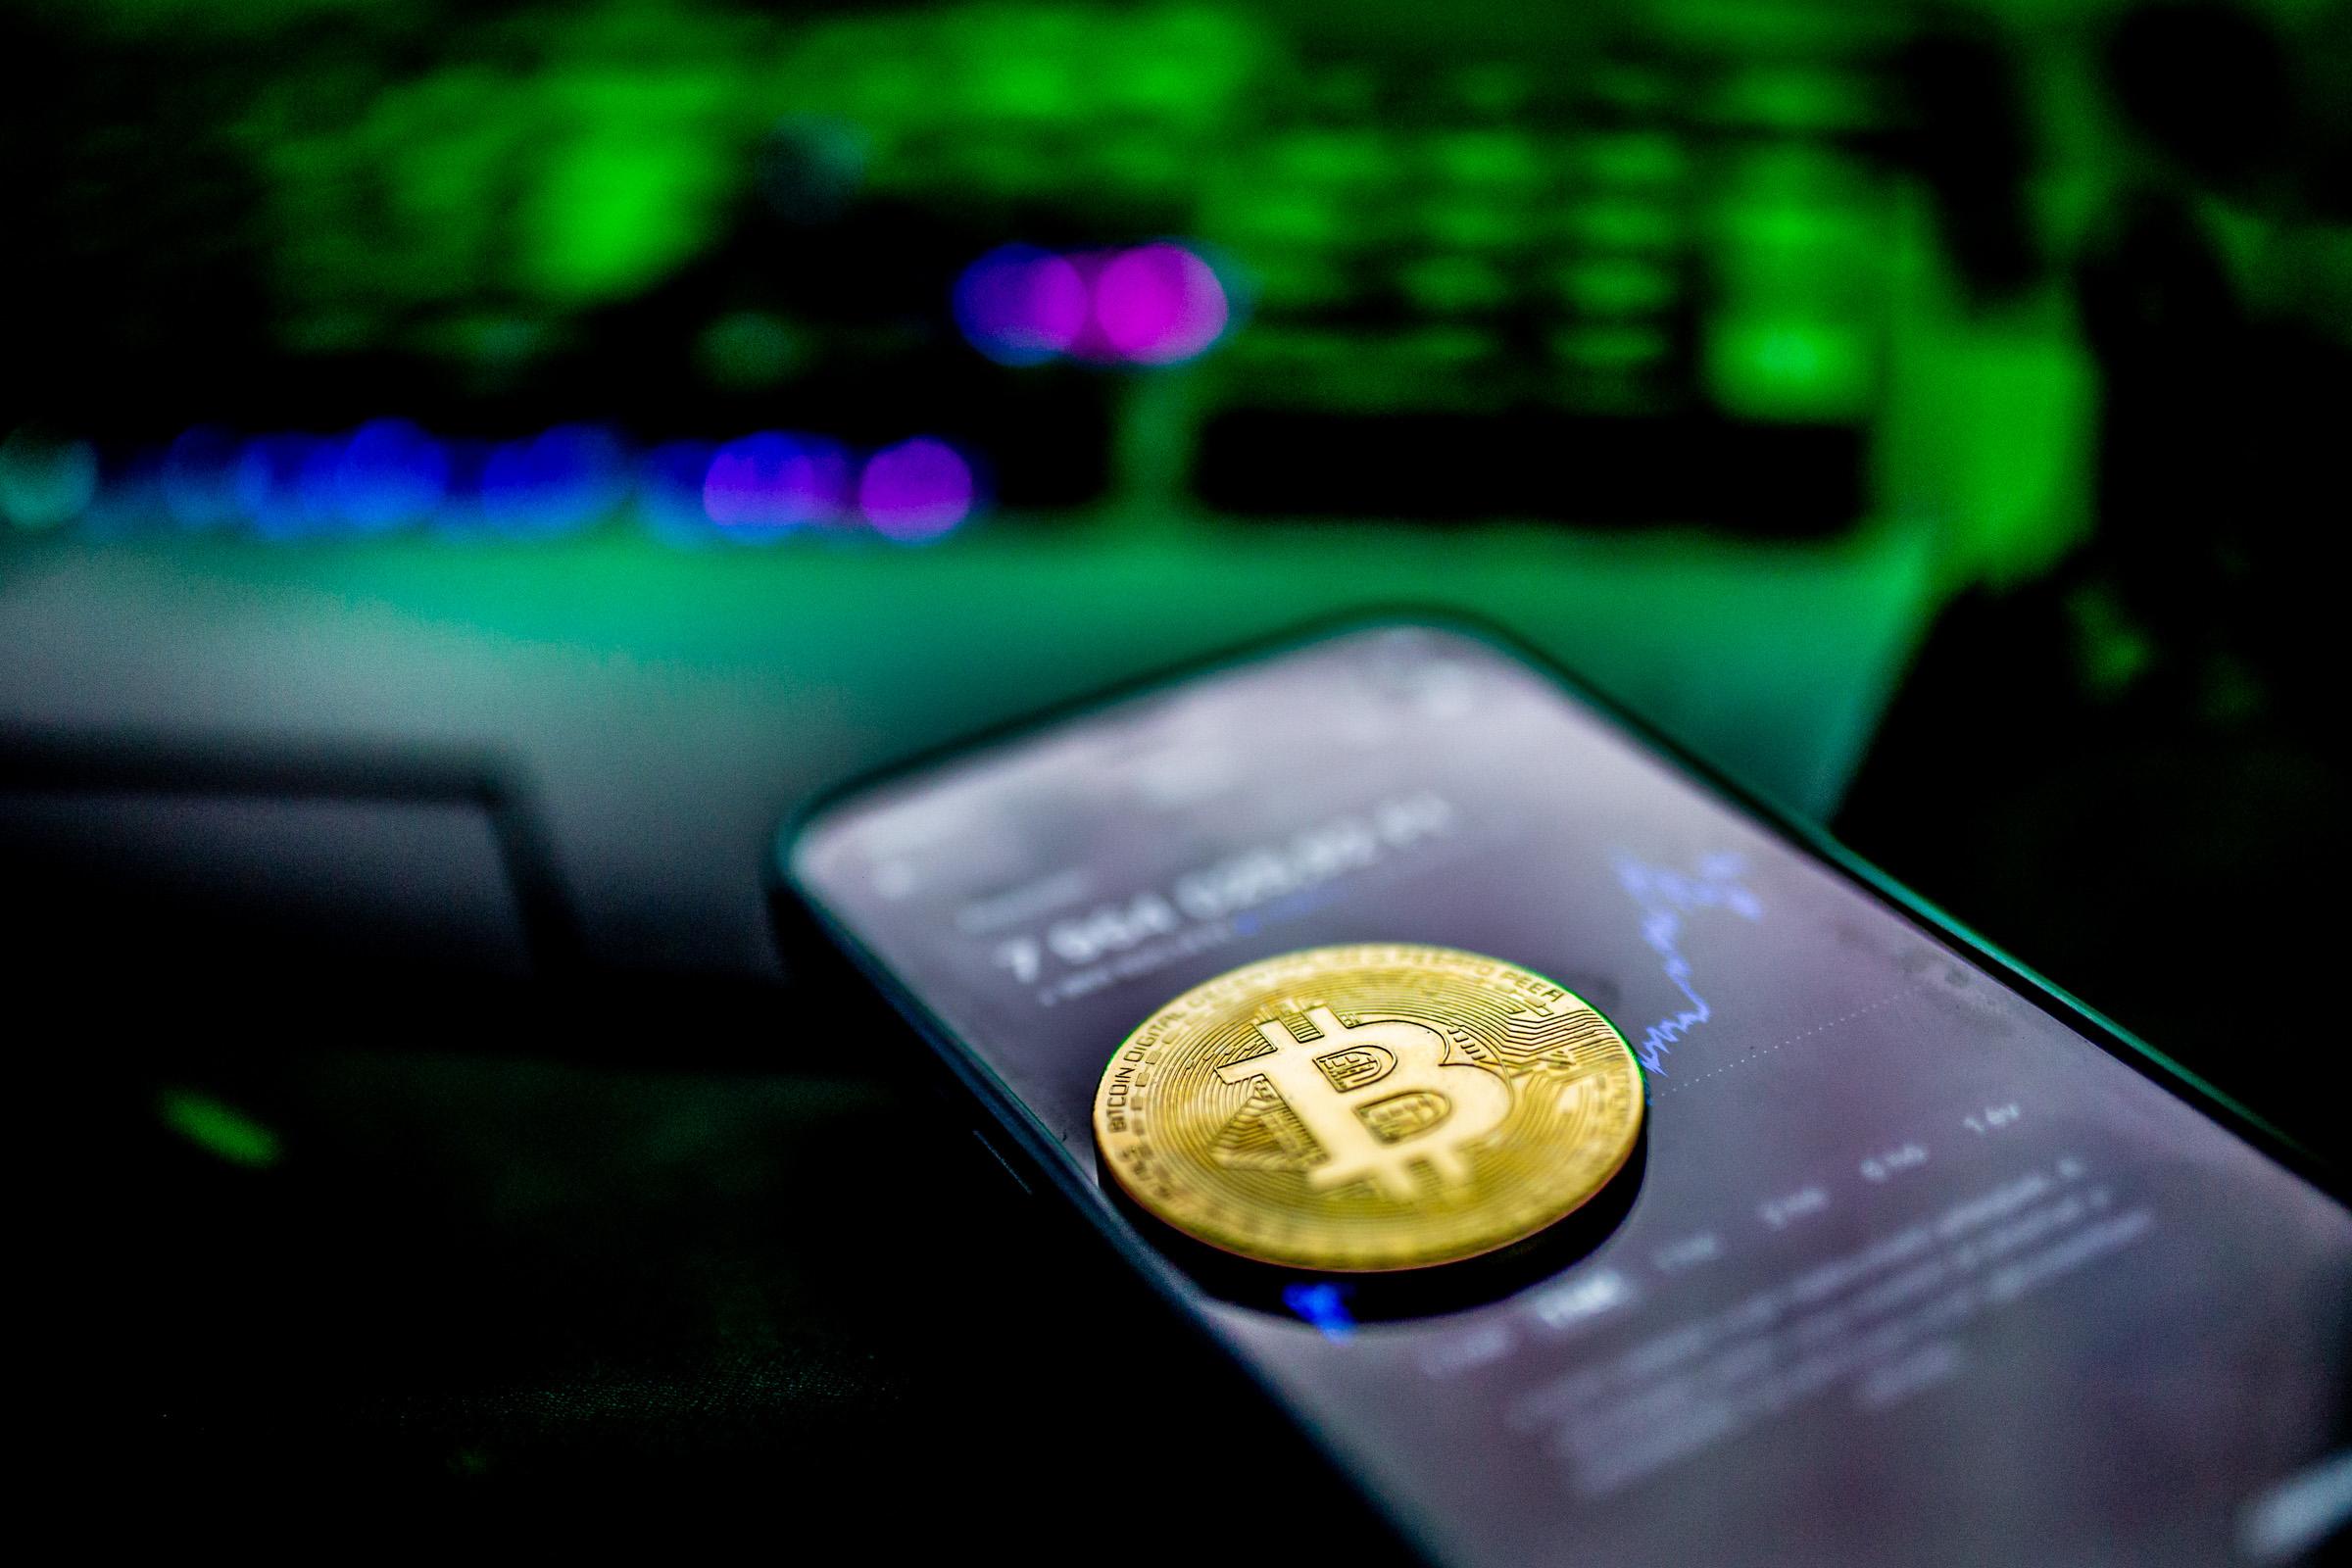 Ismerje meg a Bitcoin kereskedést 4 egyszerű lépésben az AvaTrade-el